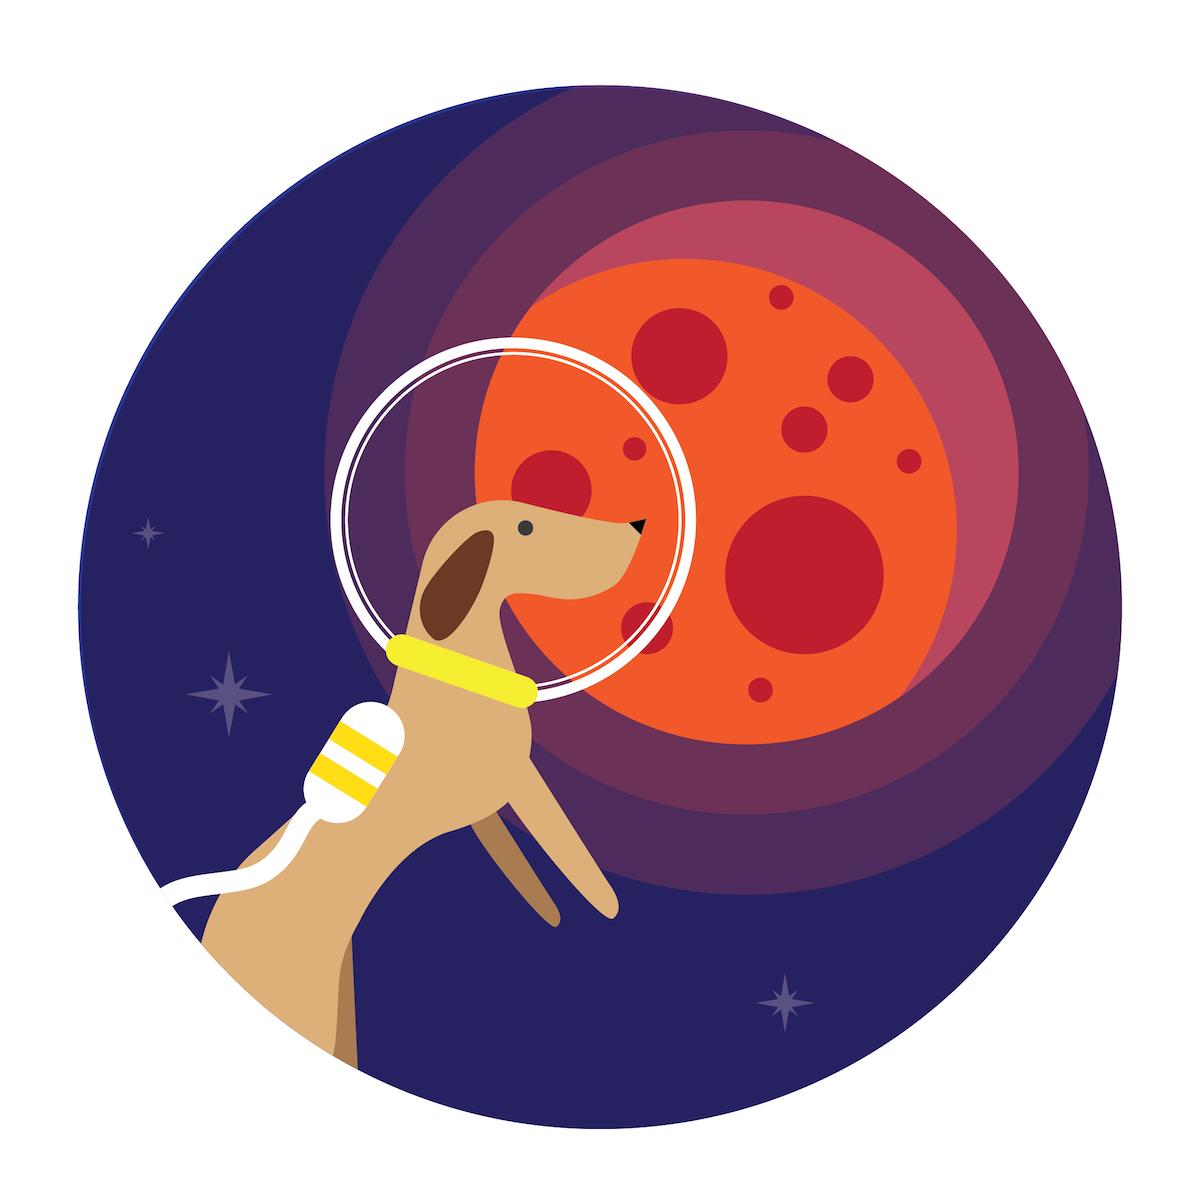 Take a trip to space #2